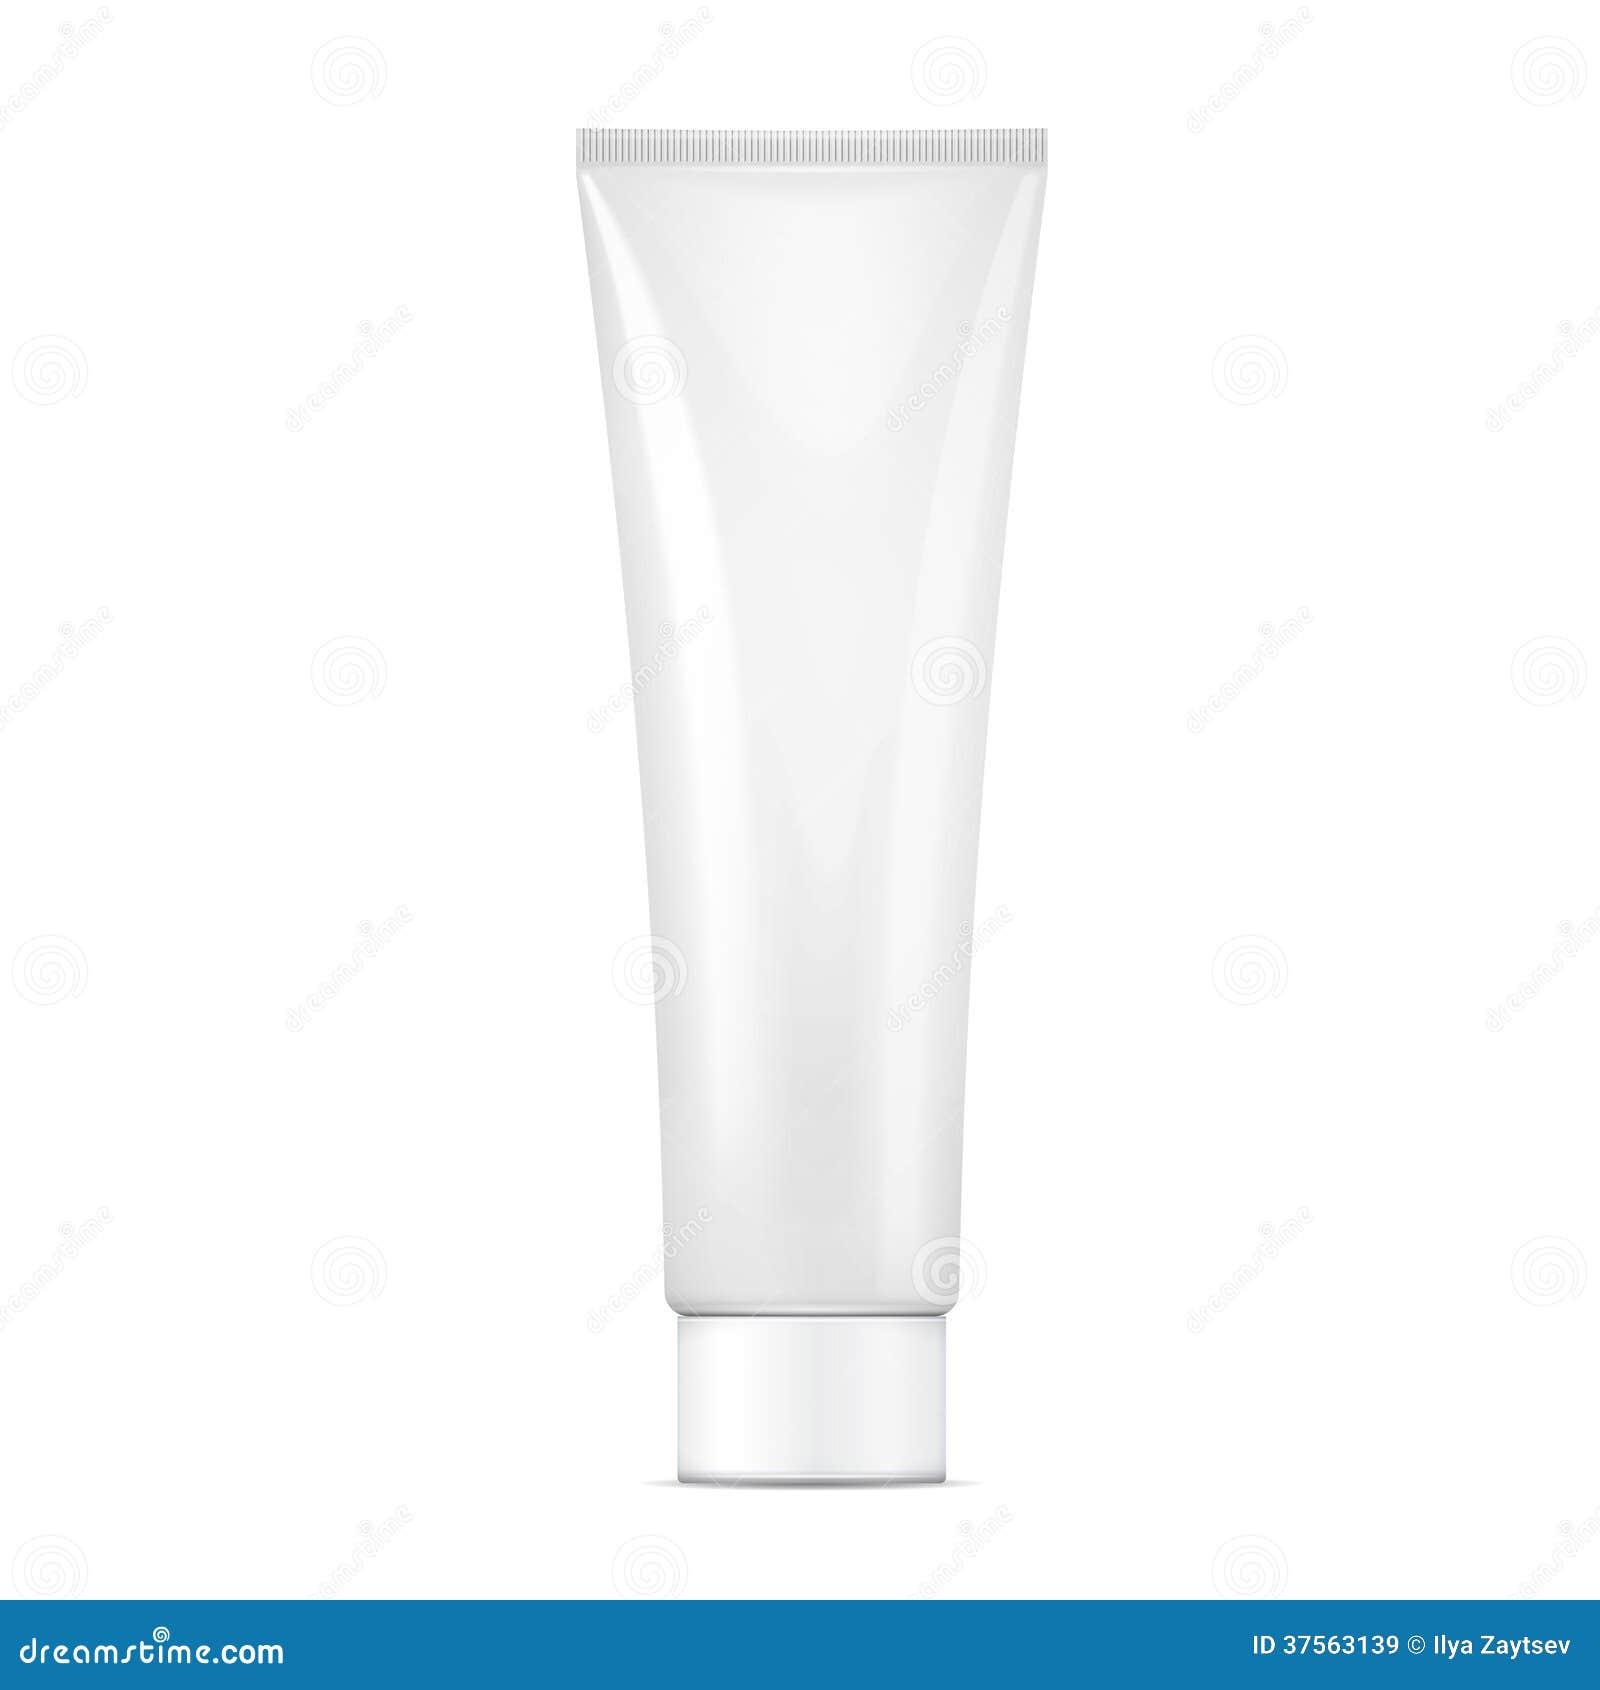 Het witte model van de roombuis.